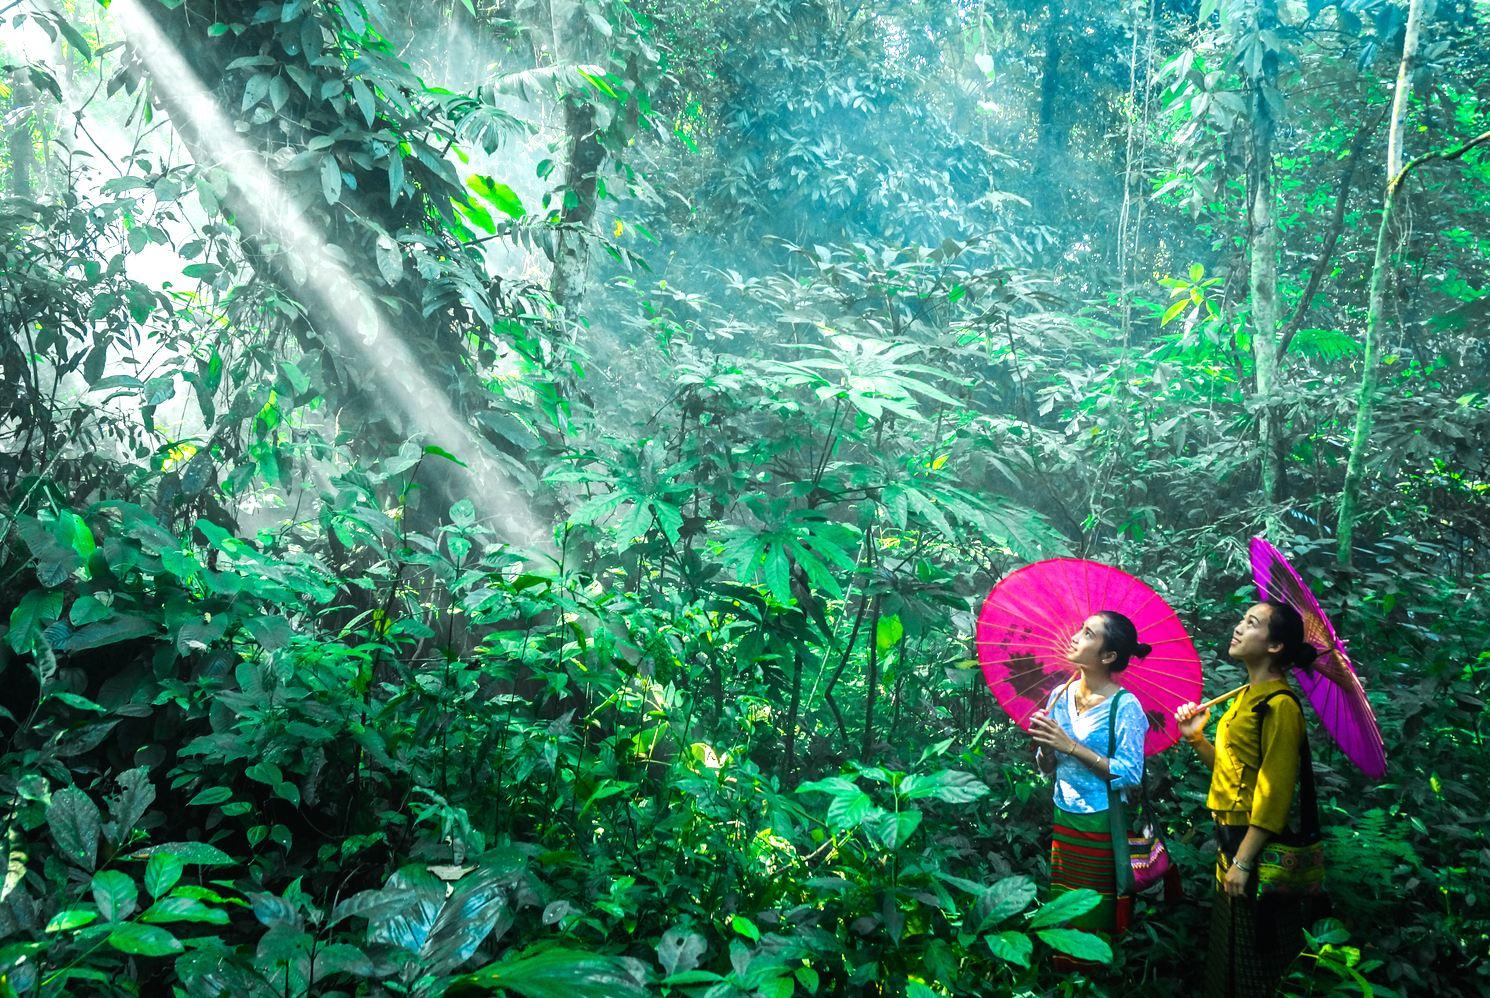 中科院西雙版納熱帶植物園一日遊(含全園電瓶車+超5小時的遊覽體驗+親子遊)